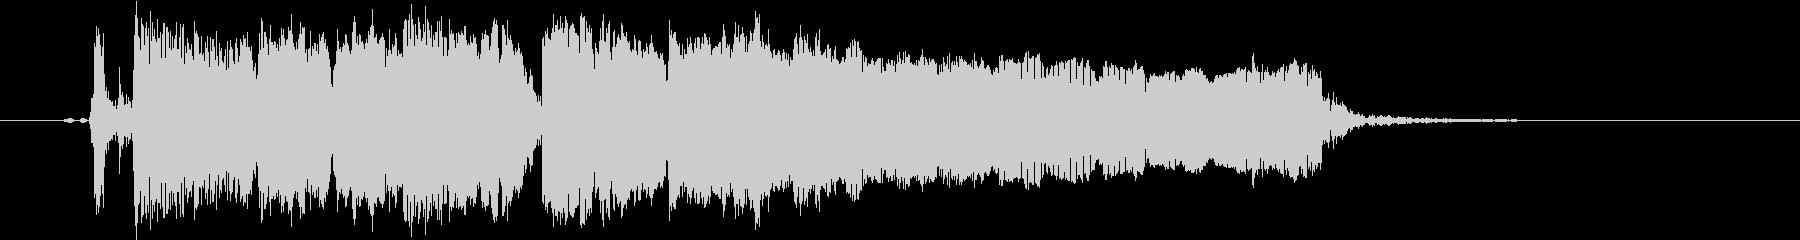 ギターフレーズ006の未再生の波形